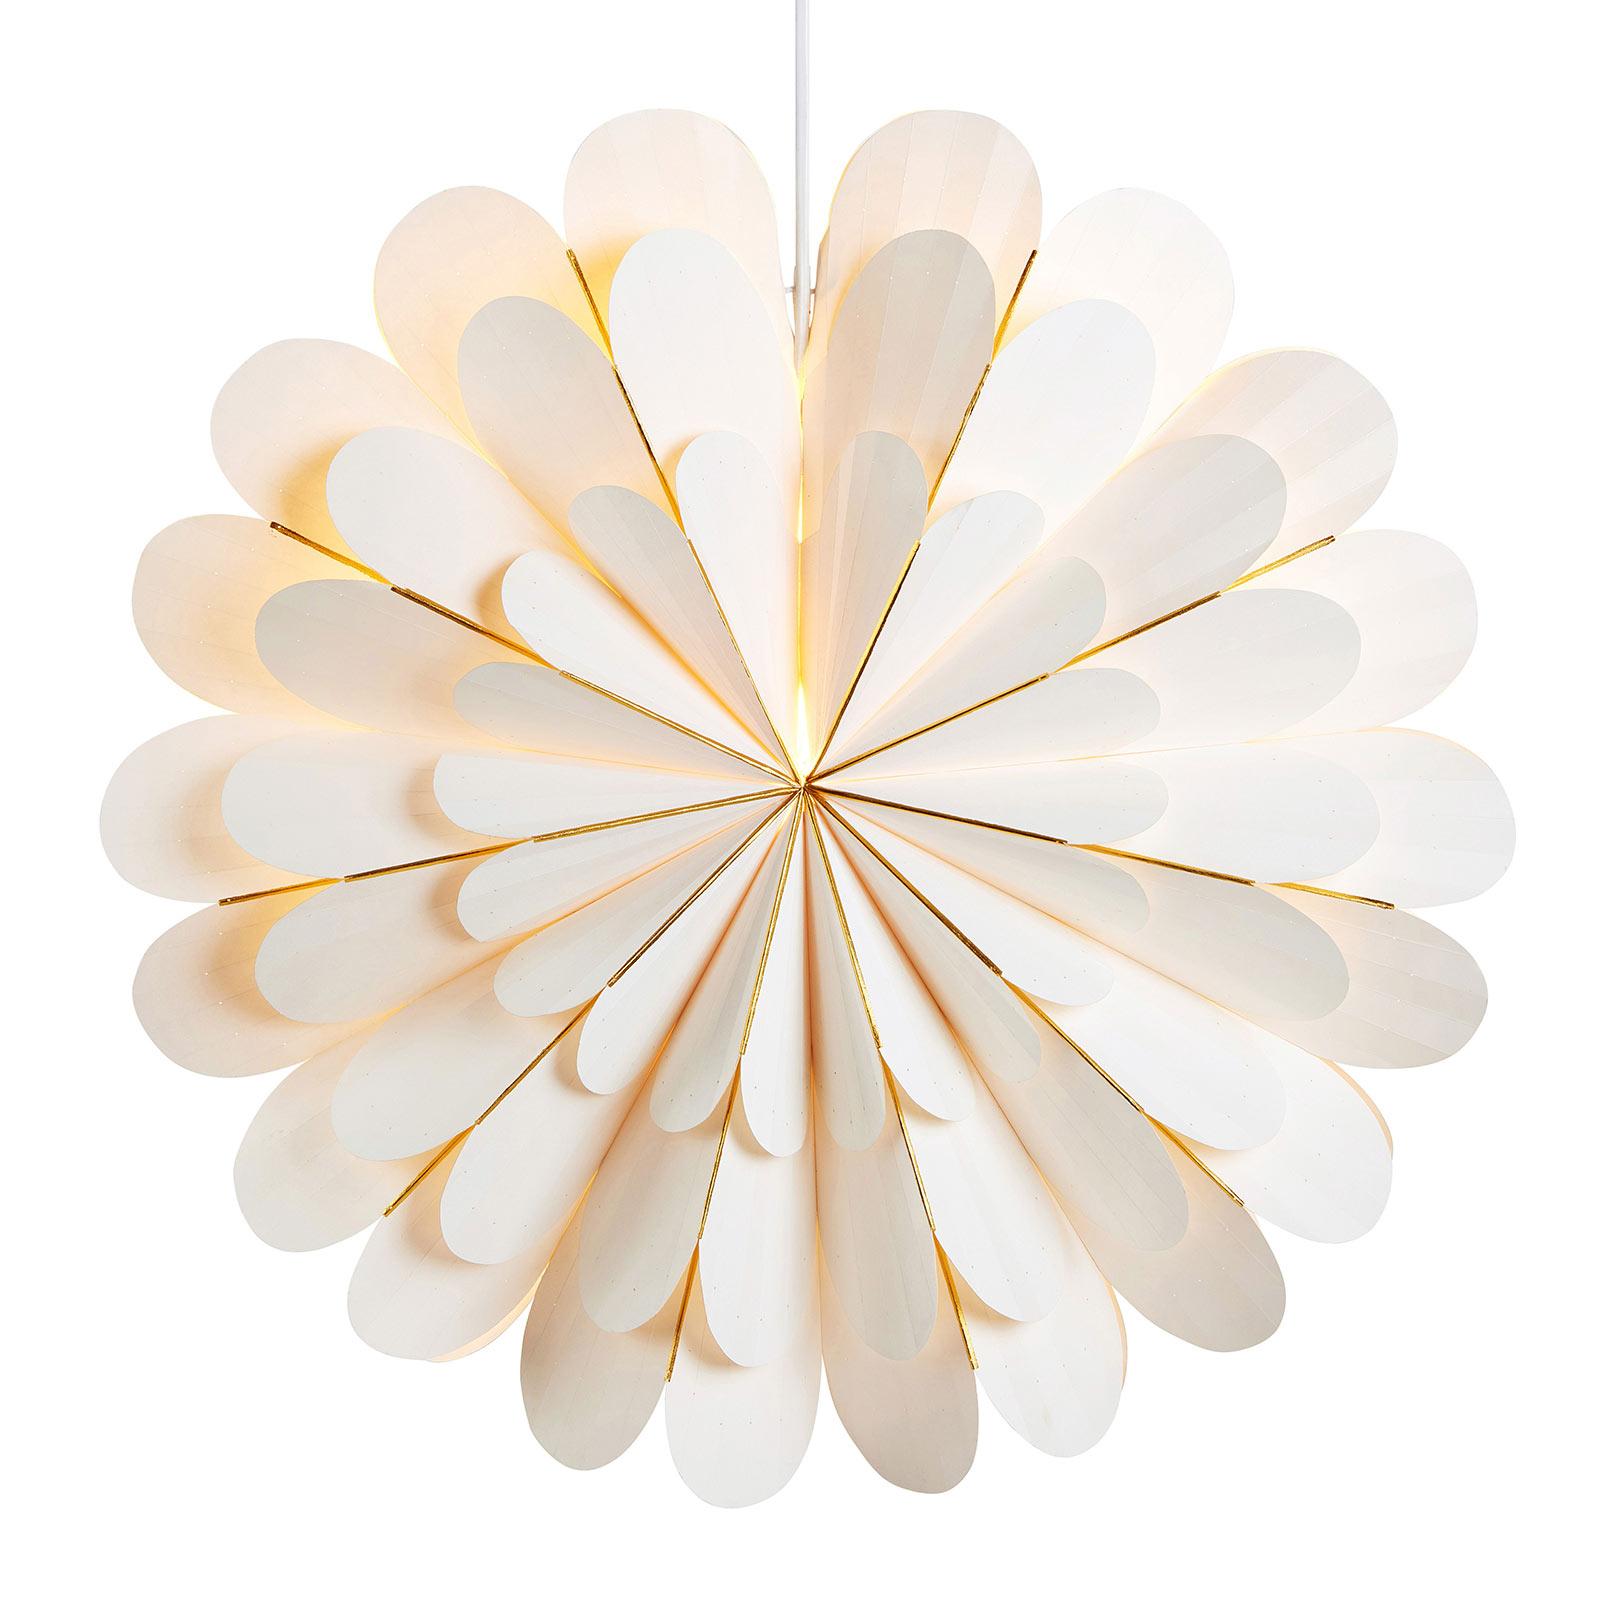 Marigold dekor.stjerne som hengelampe hvit Ø 60 cm